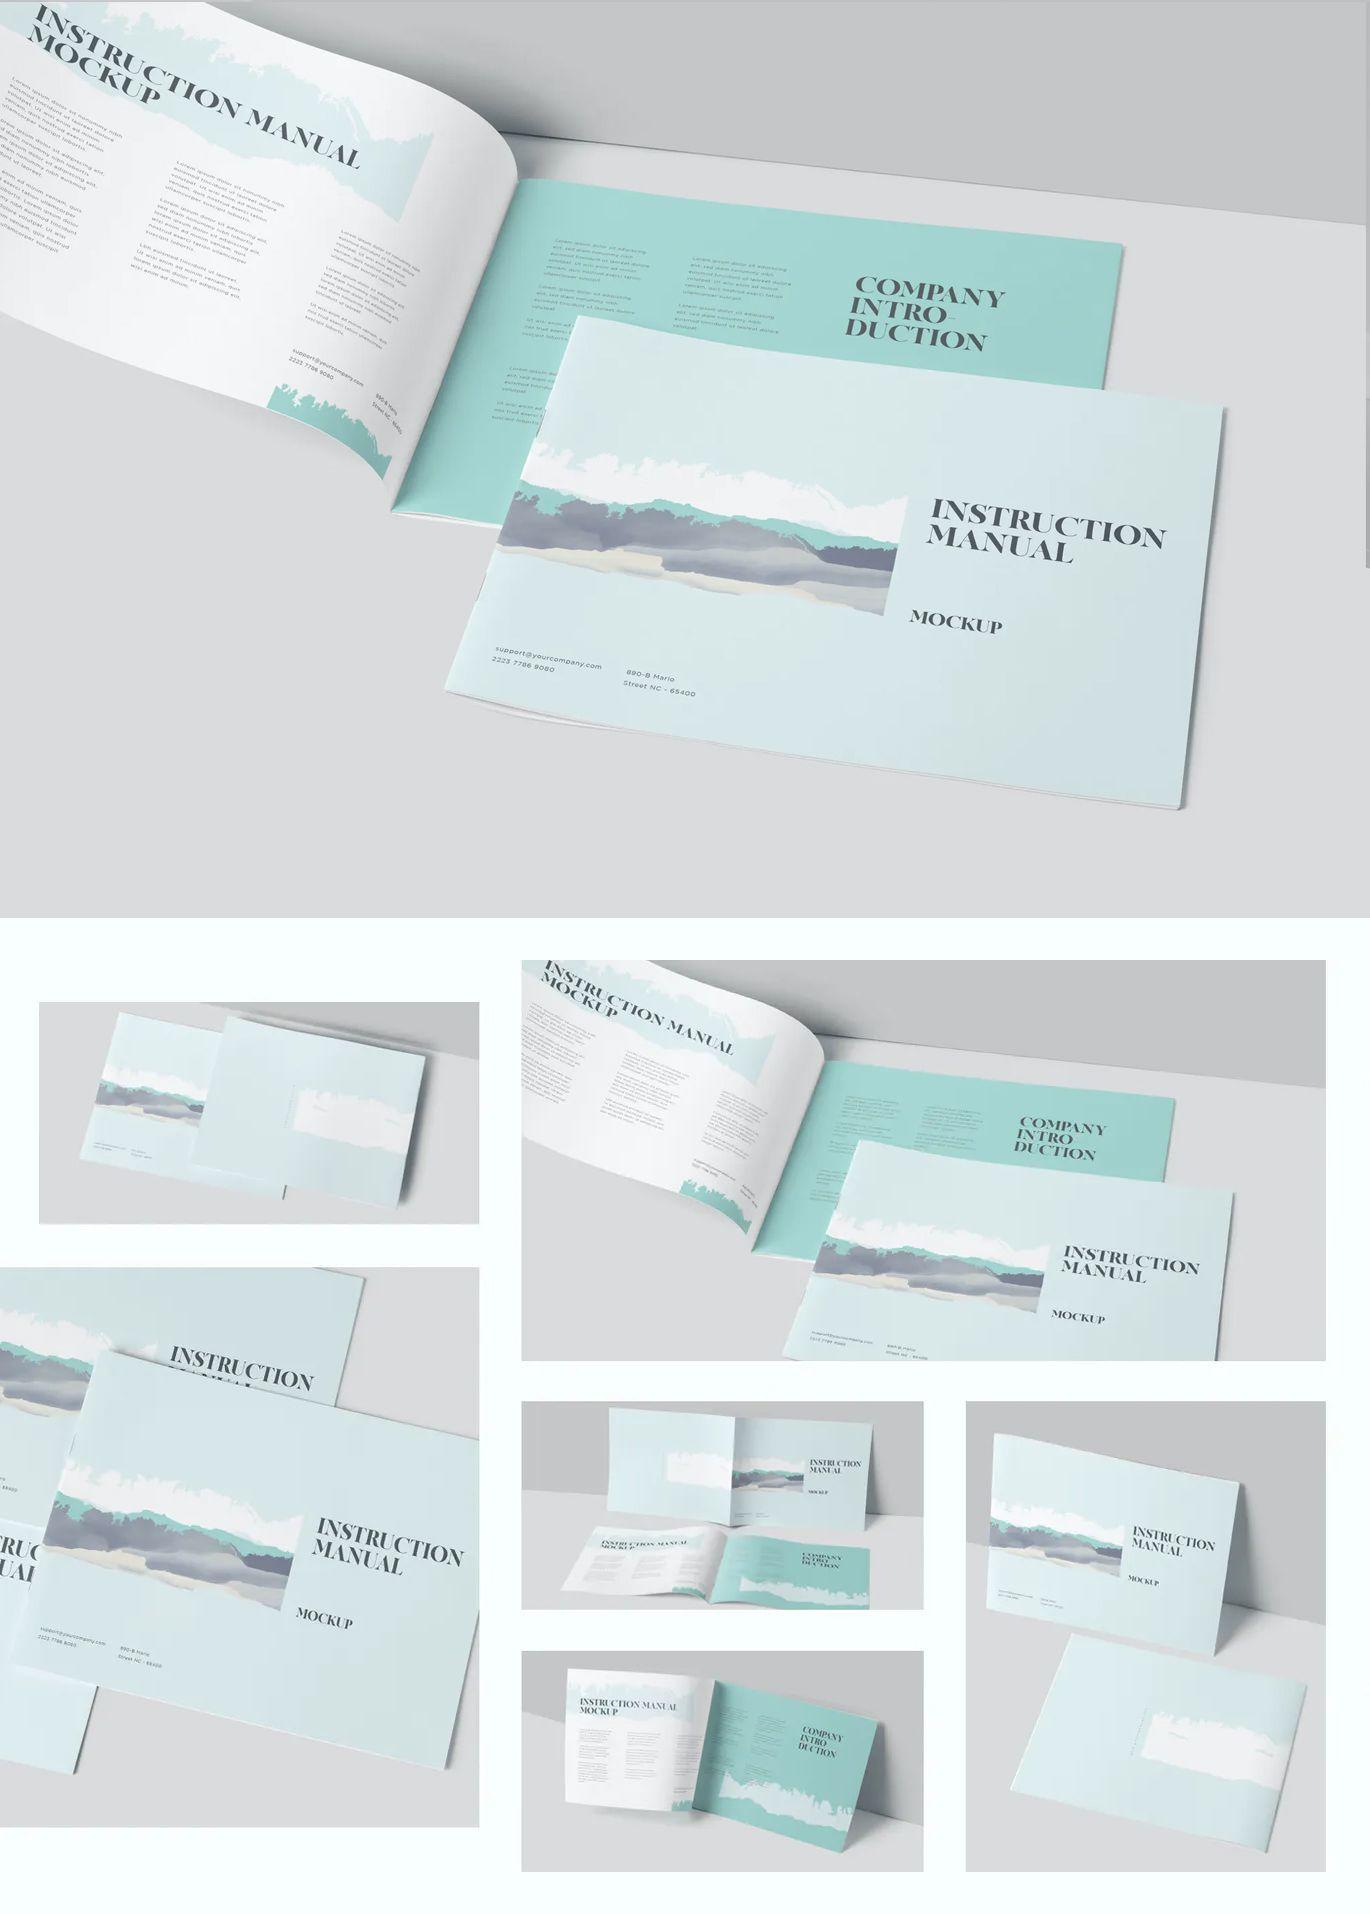 Landscape Instruction Manual Brochure Mockups Minimal Graphic Design Brochures Mockups Brochure